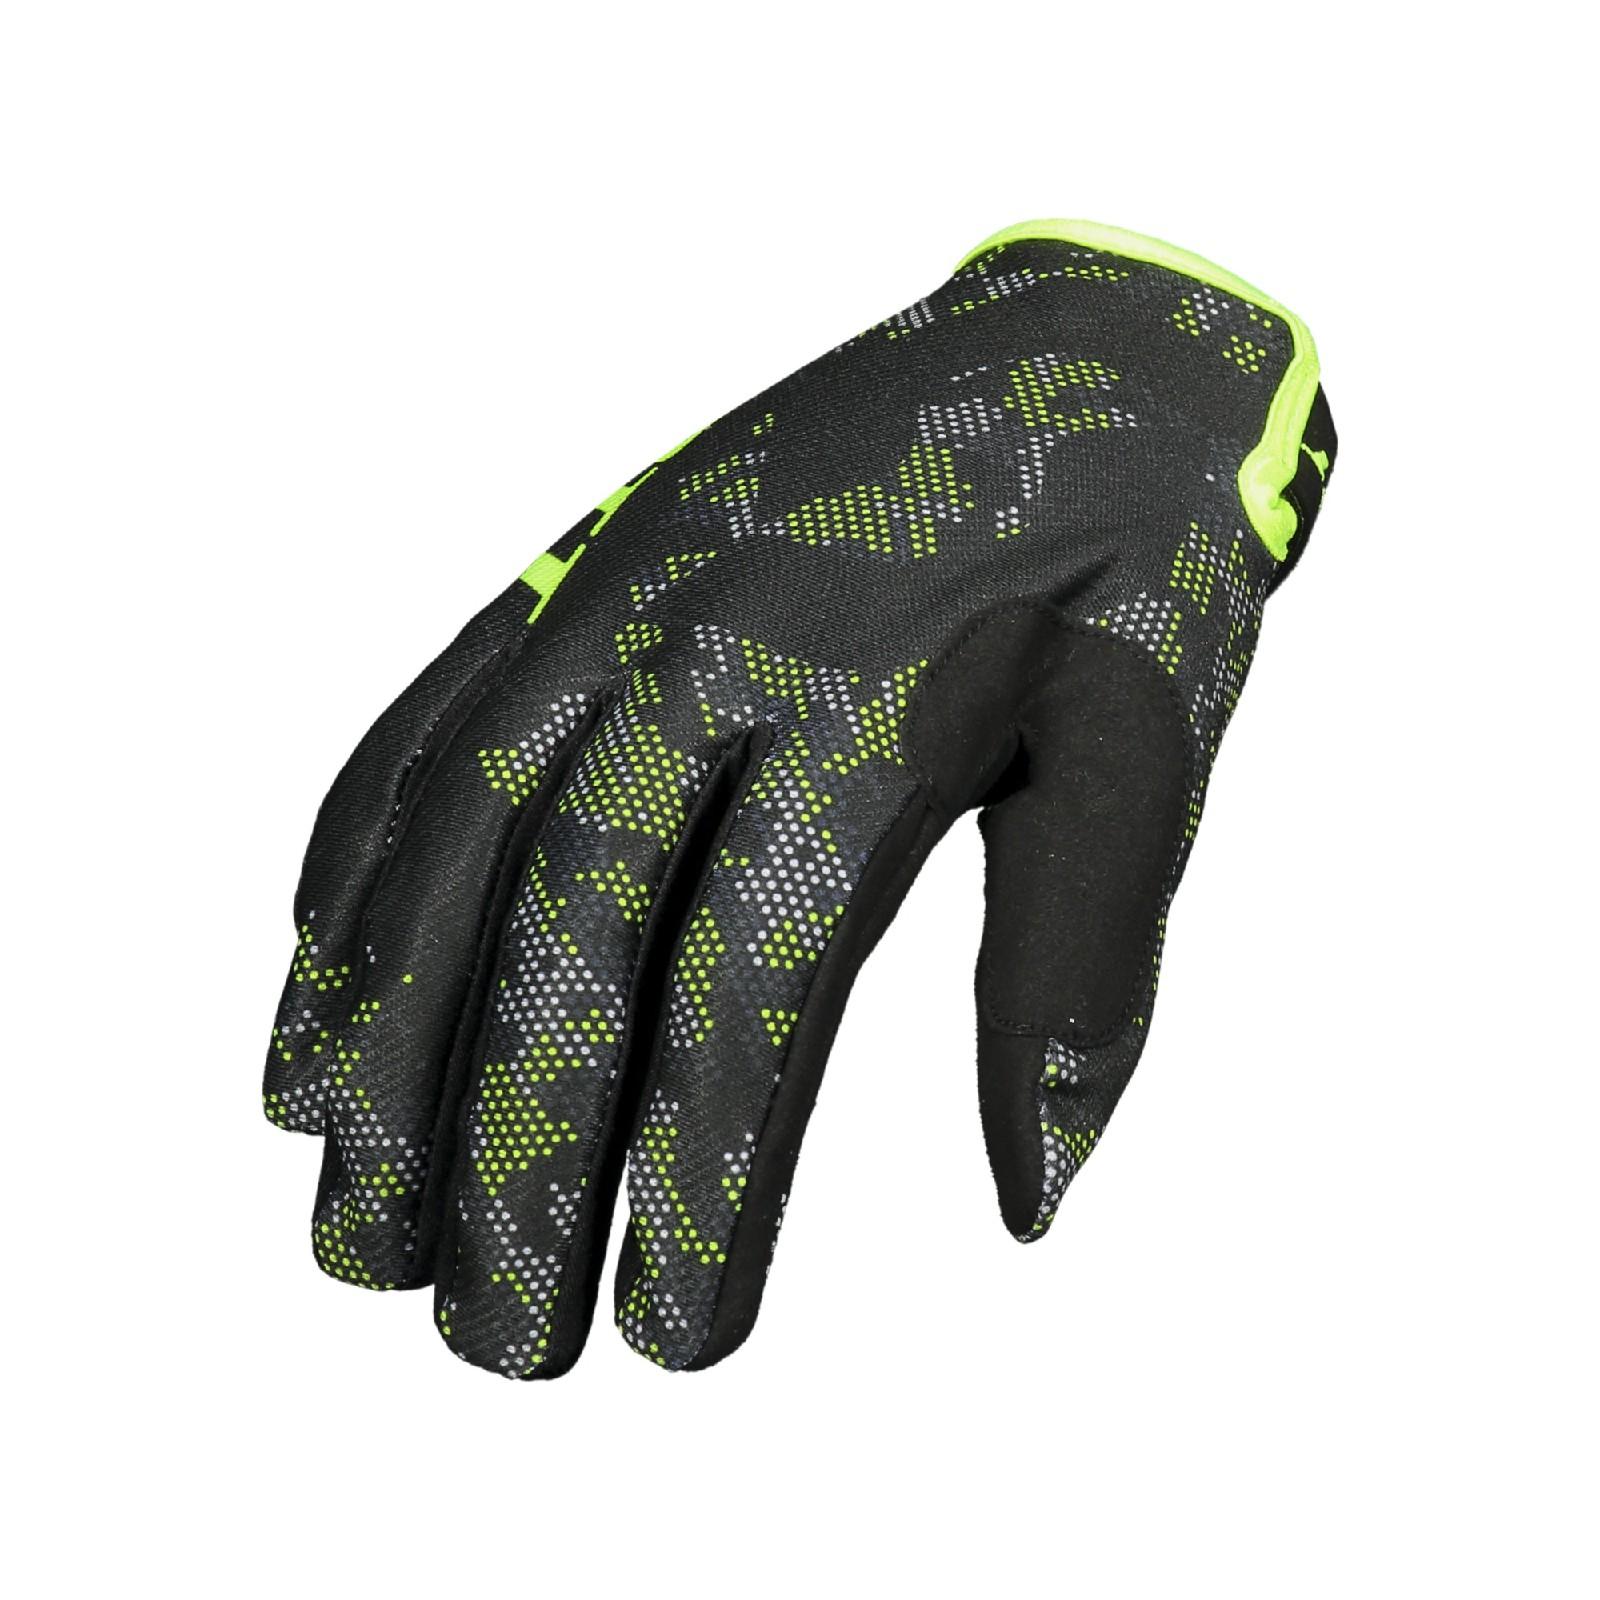 c41013edbba SCOTT 350 RACE KIDS Motocrossové dětské rukavice - Bolder - Moto ...